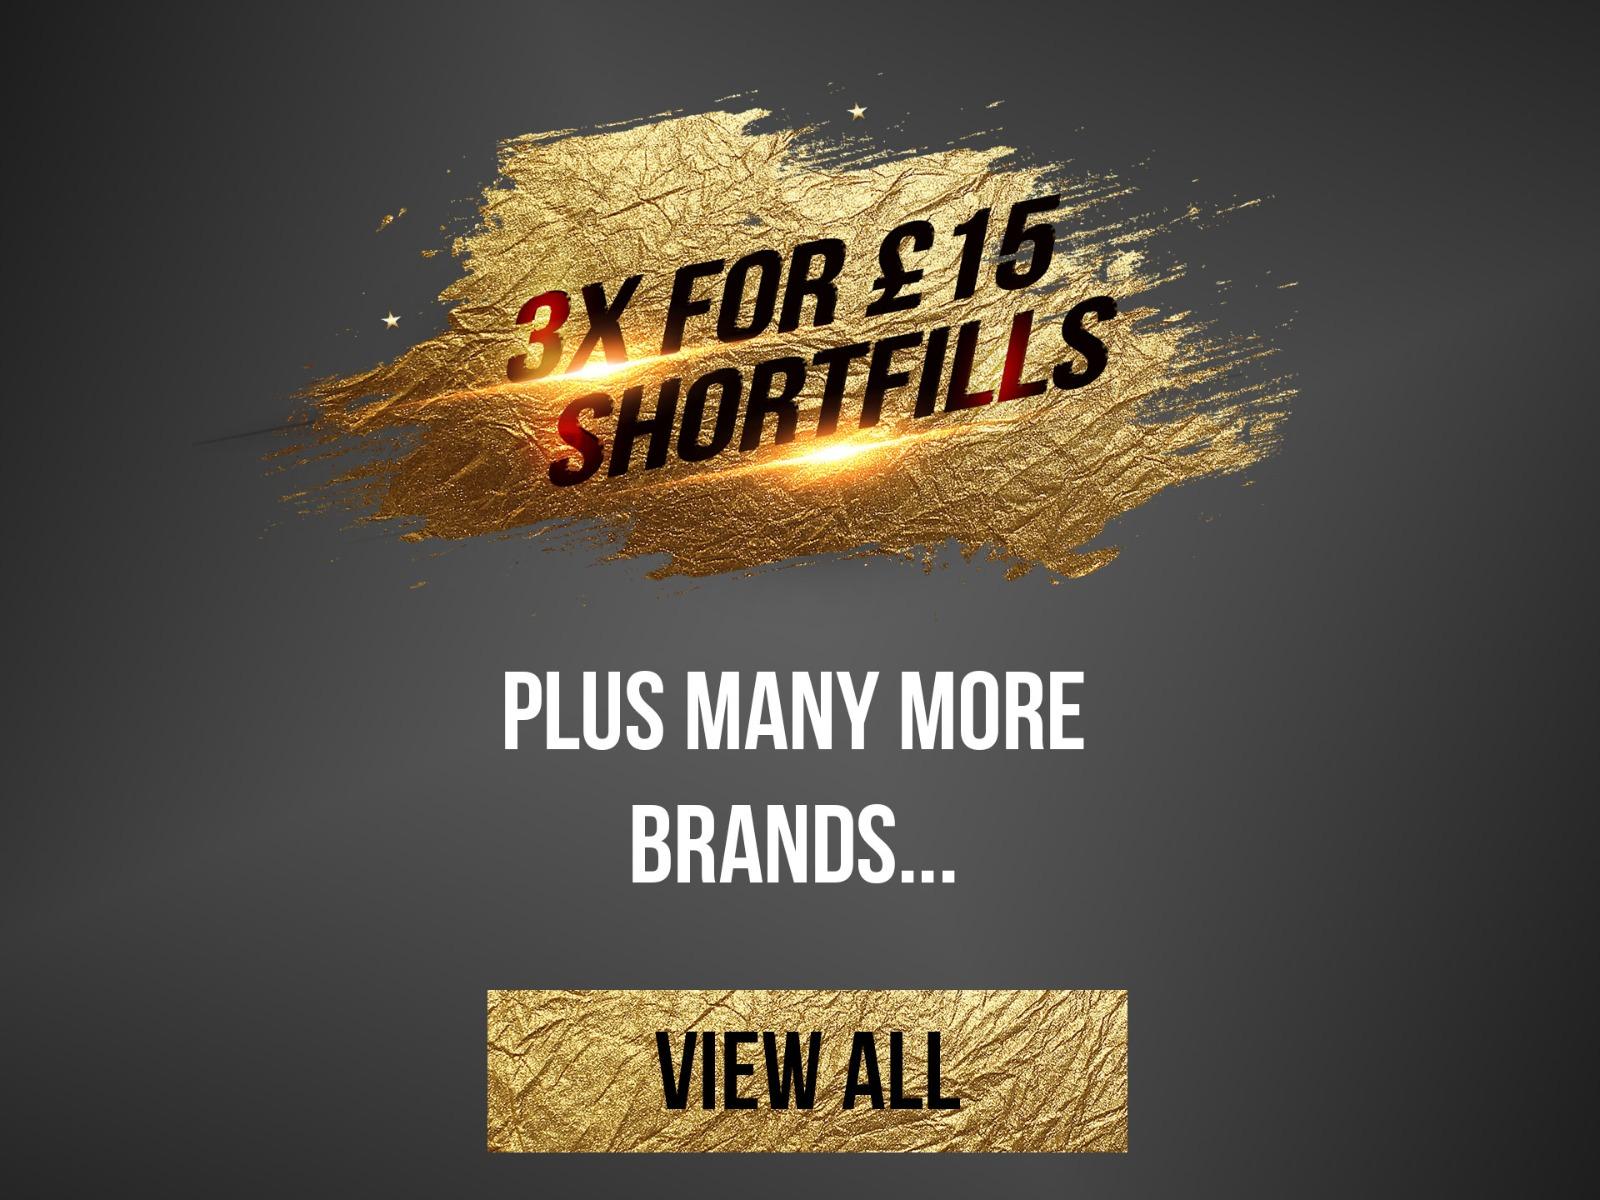 3x For £15 Multiple Branded Shortfills